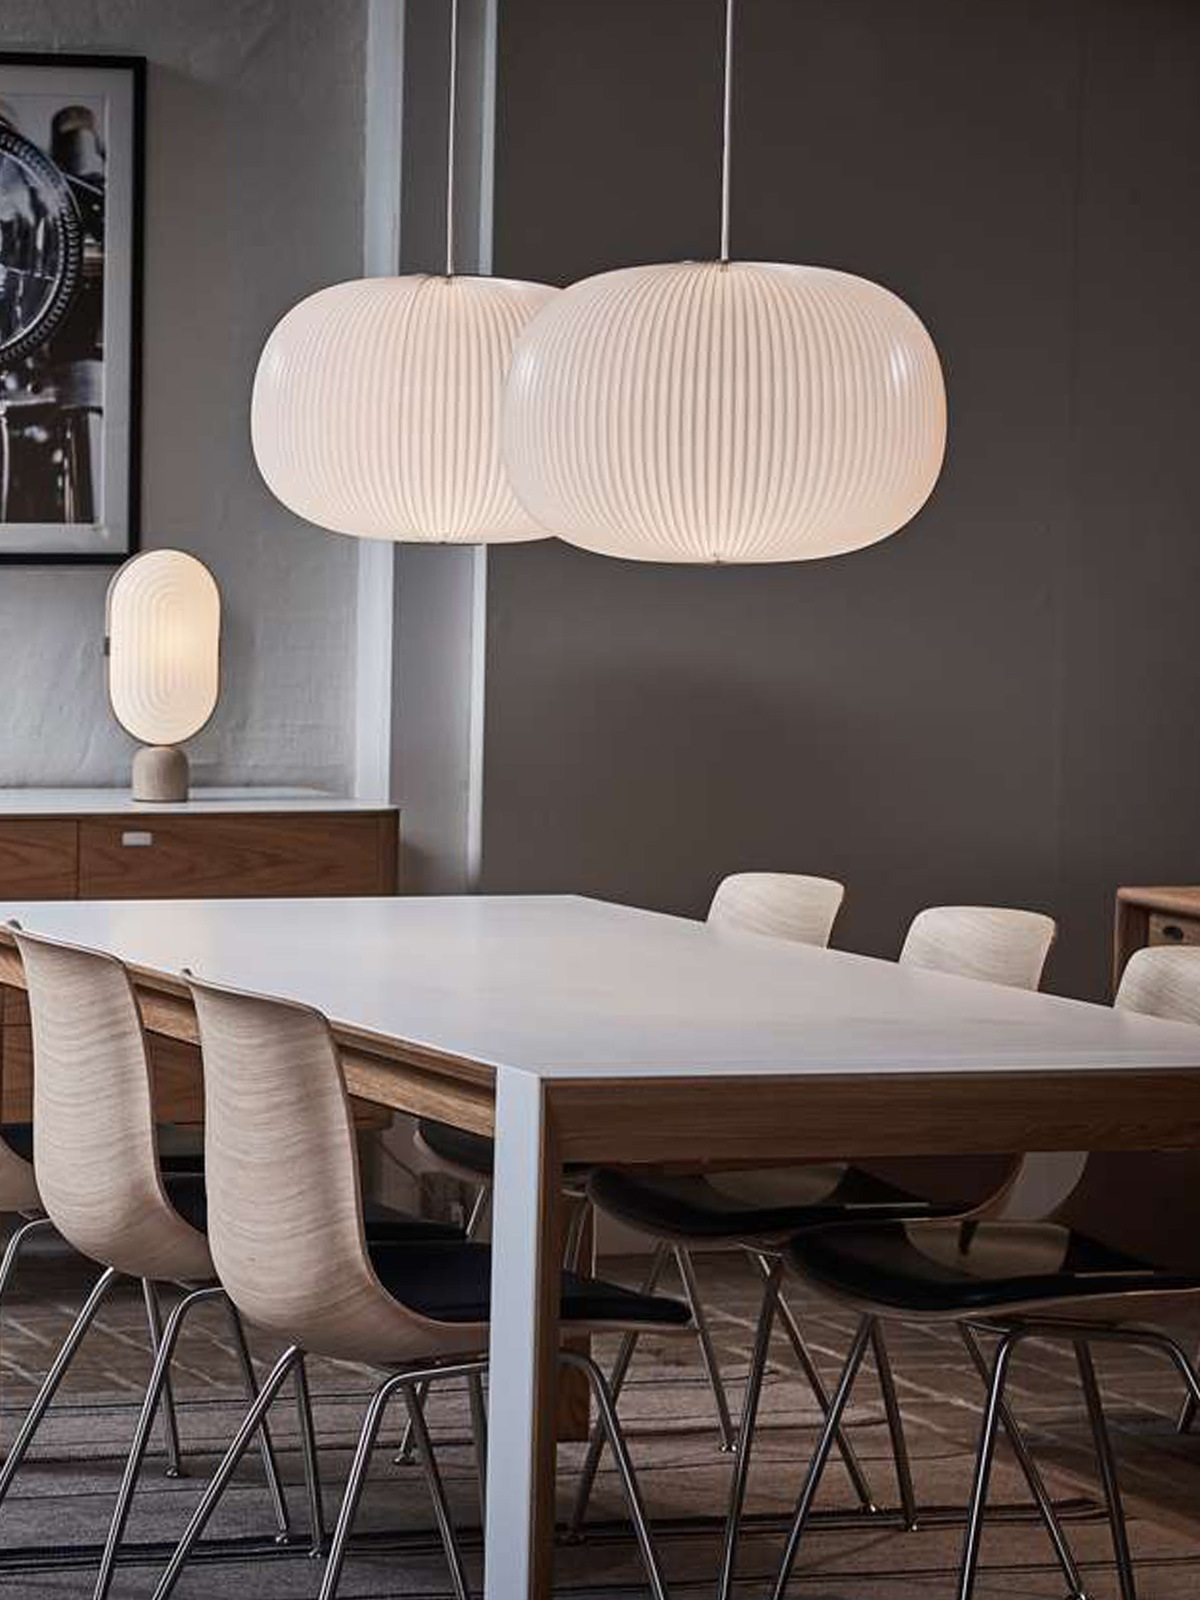 Le Klint Lamella 1 Pendelleuchte DesignOrt Lampen Berlin Onlineshop